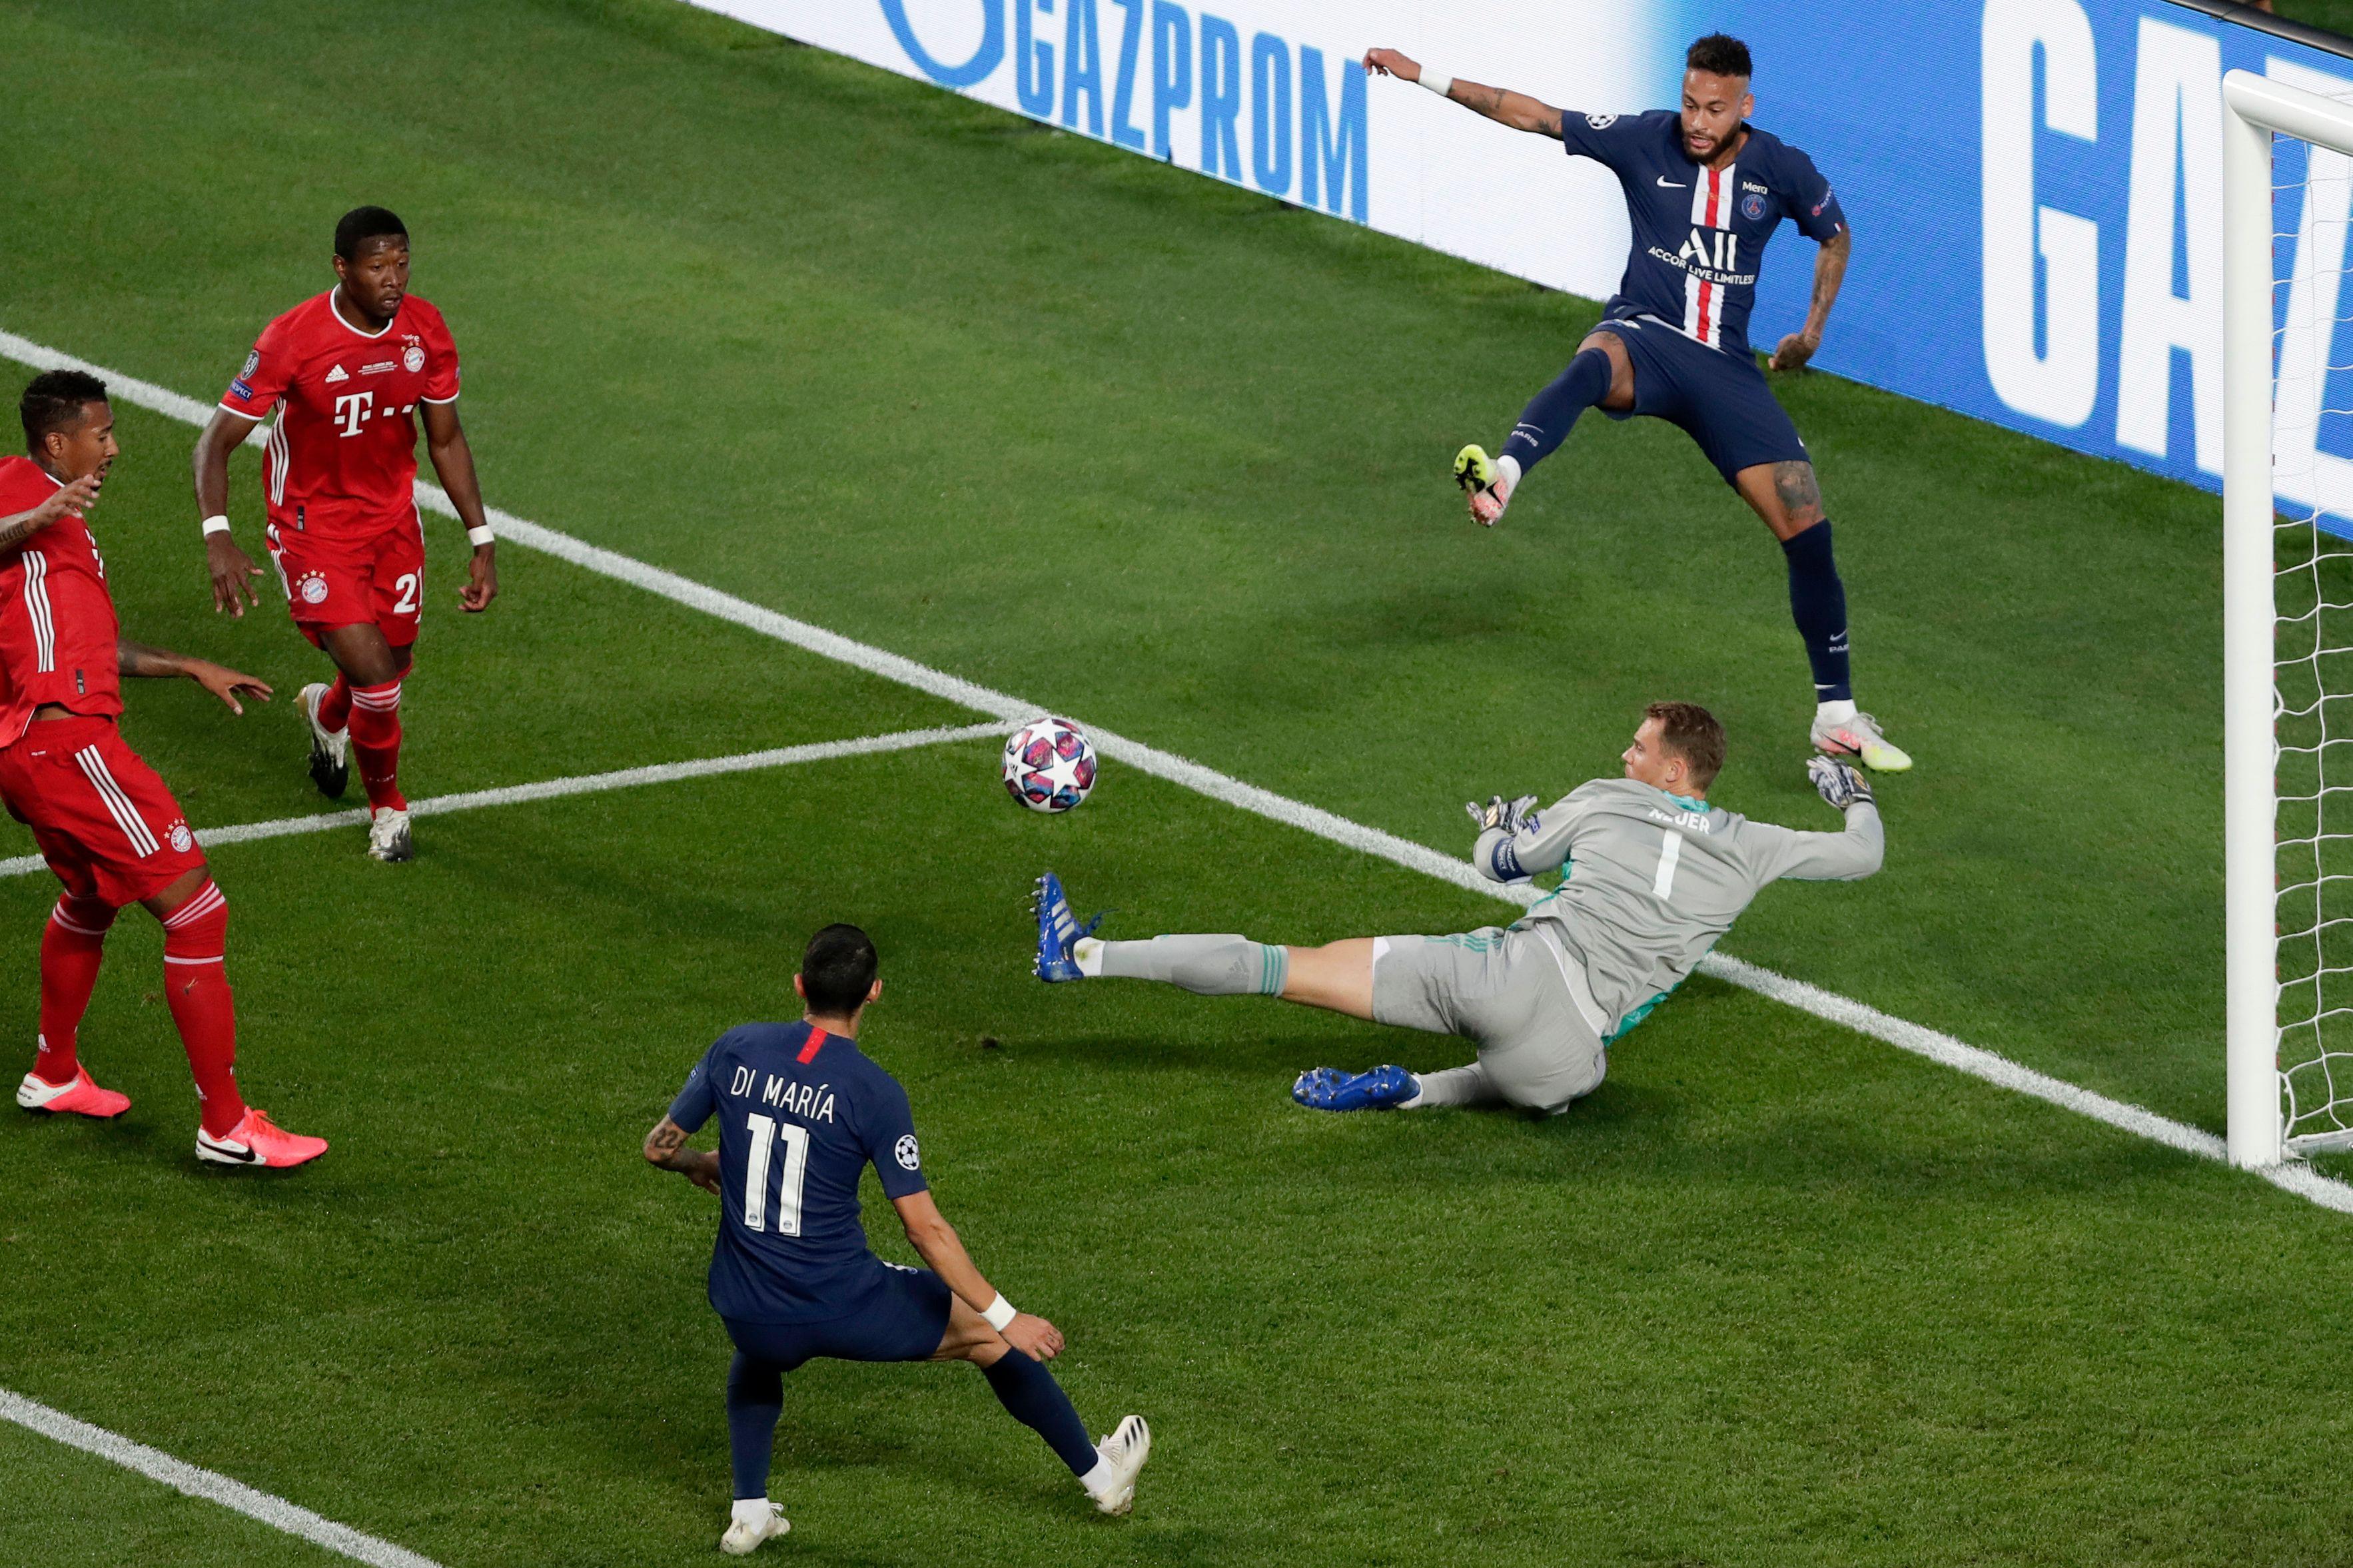 Football - Ligue des champions - Ligue des champions : la finale PSG-Bayern Munich en images